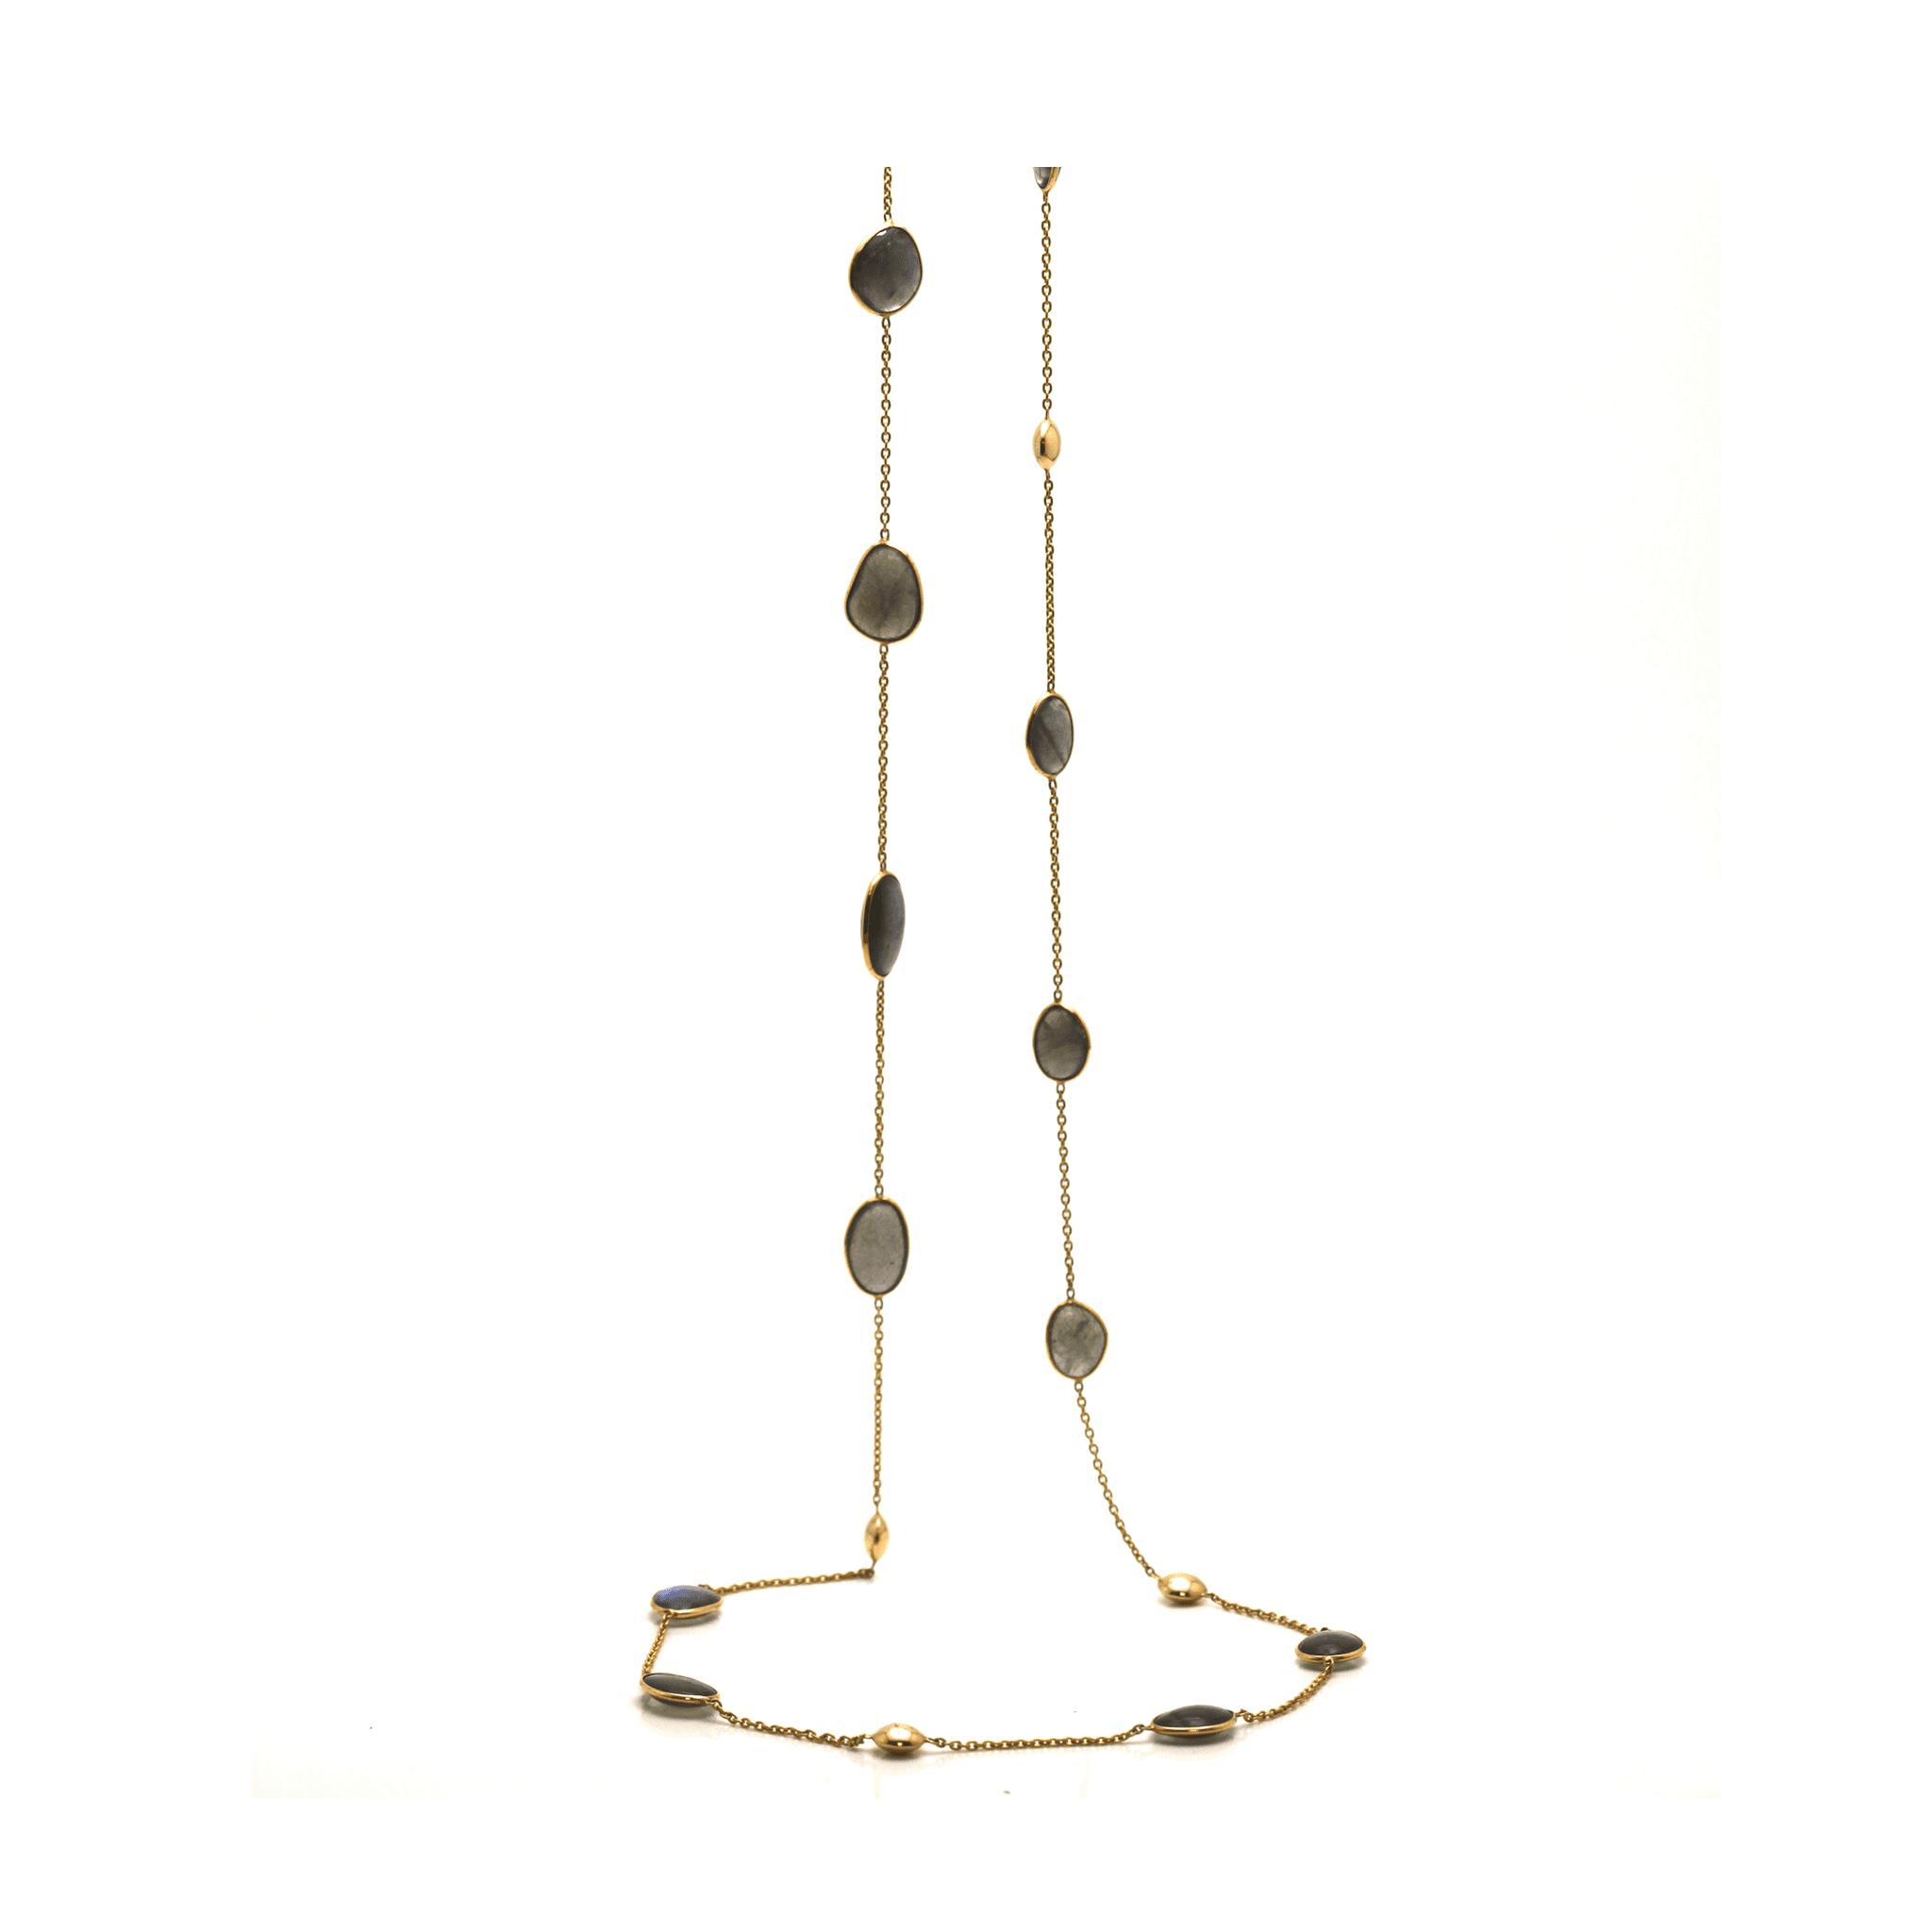 Tresor Collection - Labradorite Long Lente Necklace In 18K Yellow Gold